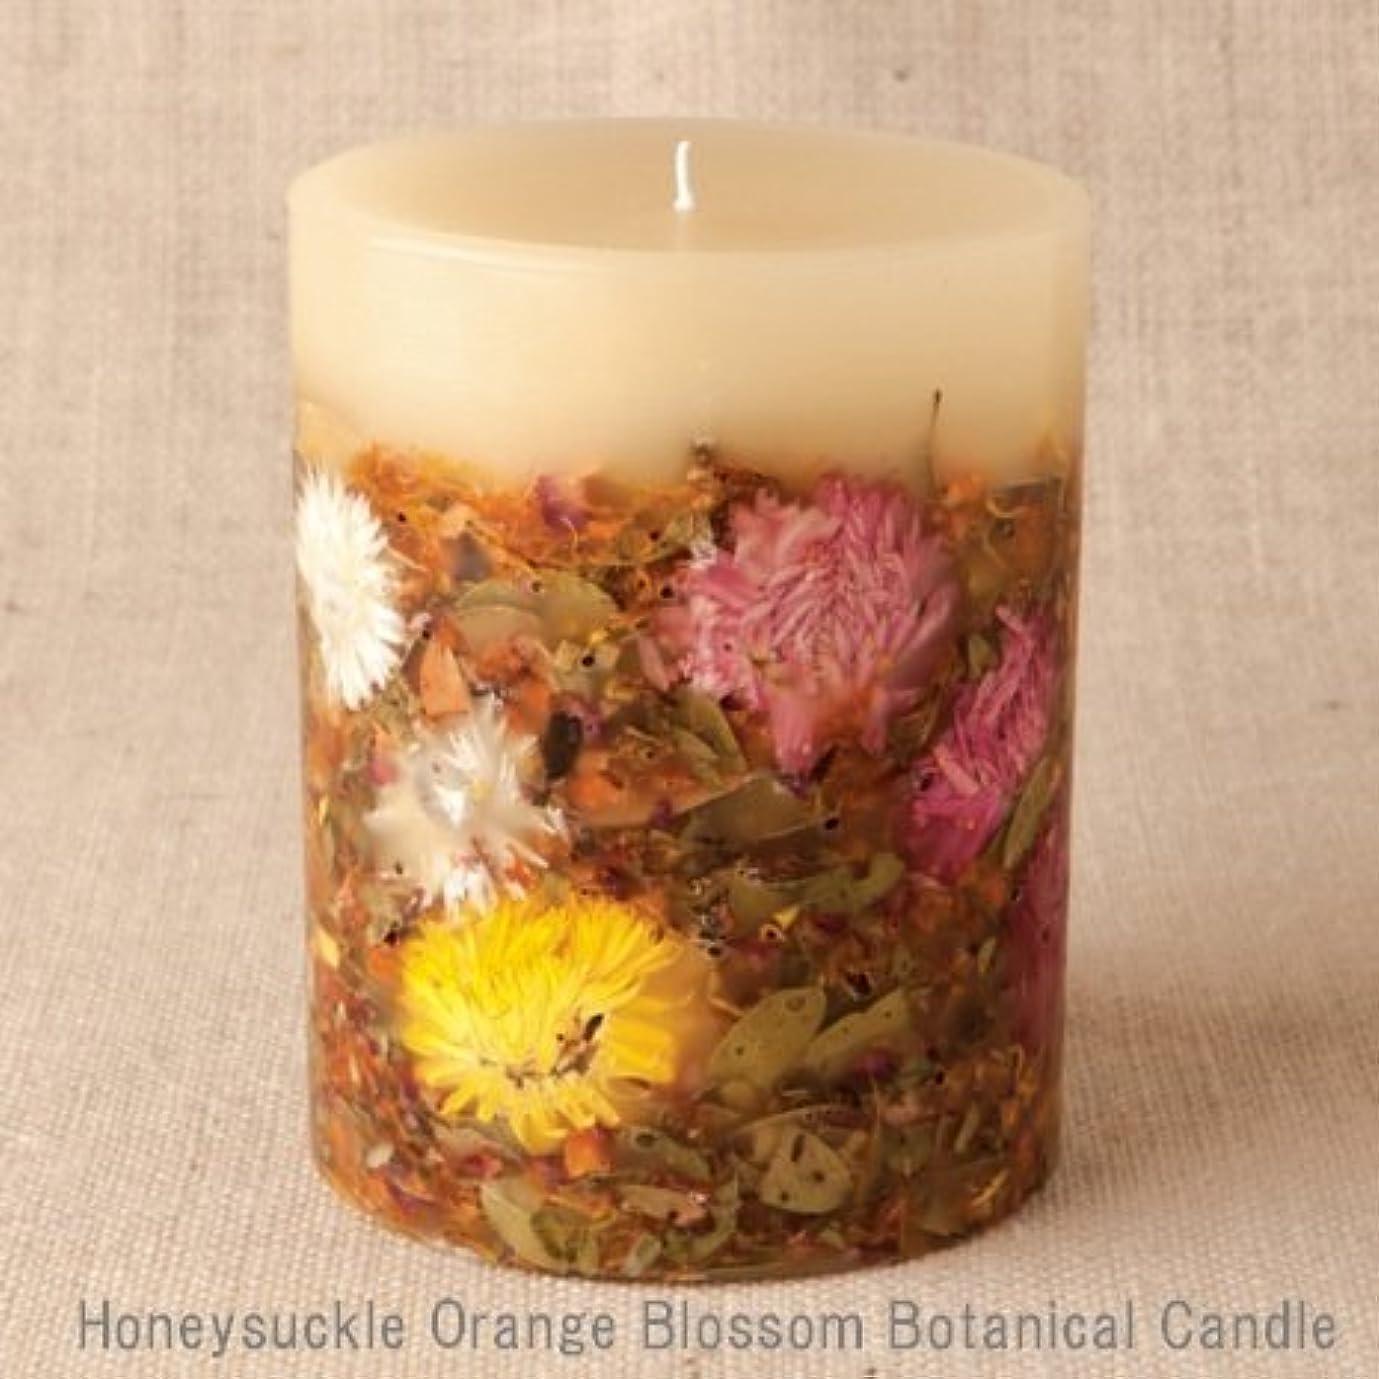 忘れる質量ロッド【Rosy Rings ロージーリングス】 Botanical candle キャンドル ハニーサックルオレンジ&ブロッサム